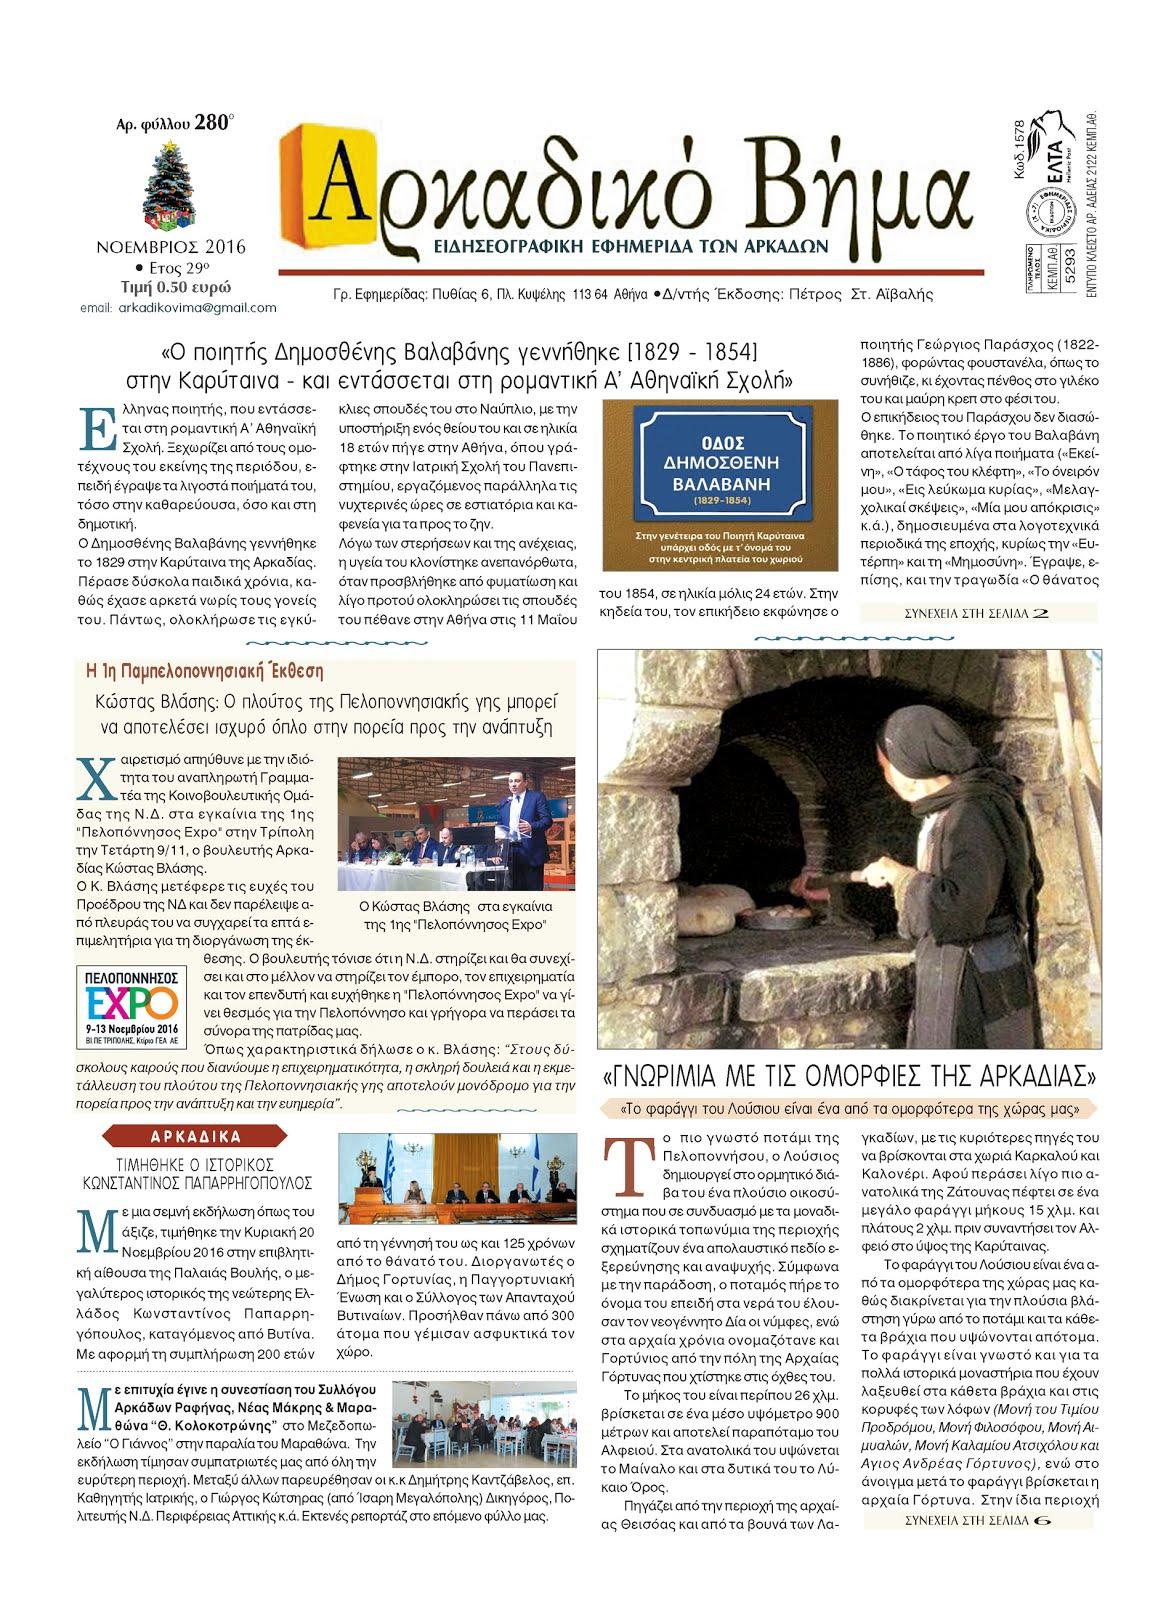 """Εφημερίδα """"Αρκαδικό Βήμα"""": """"Γνωριμία με τις ομορφιές της Αρκαδίας"""","""